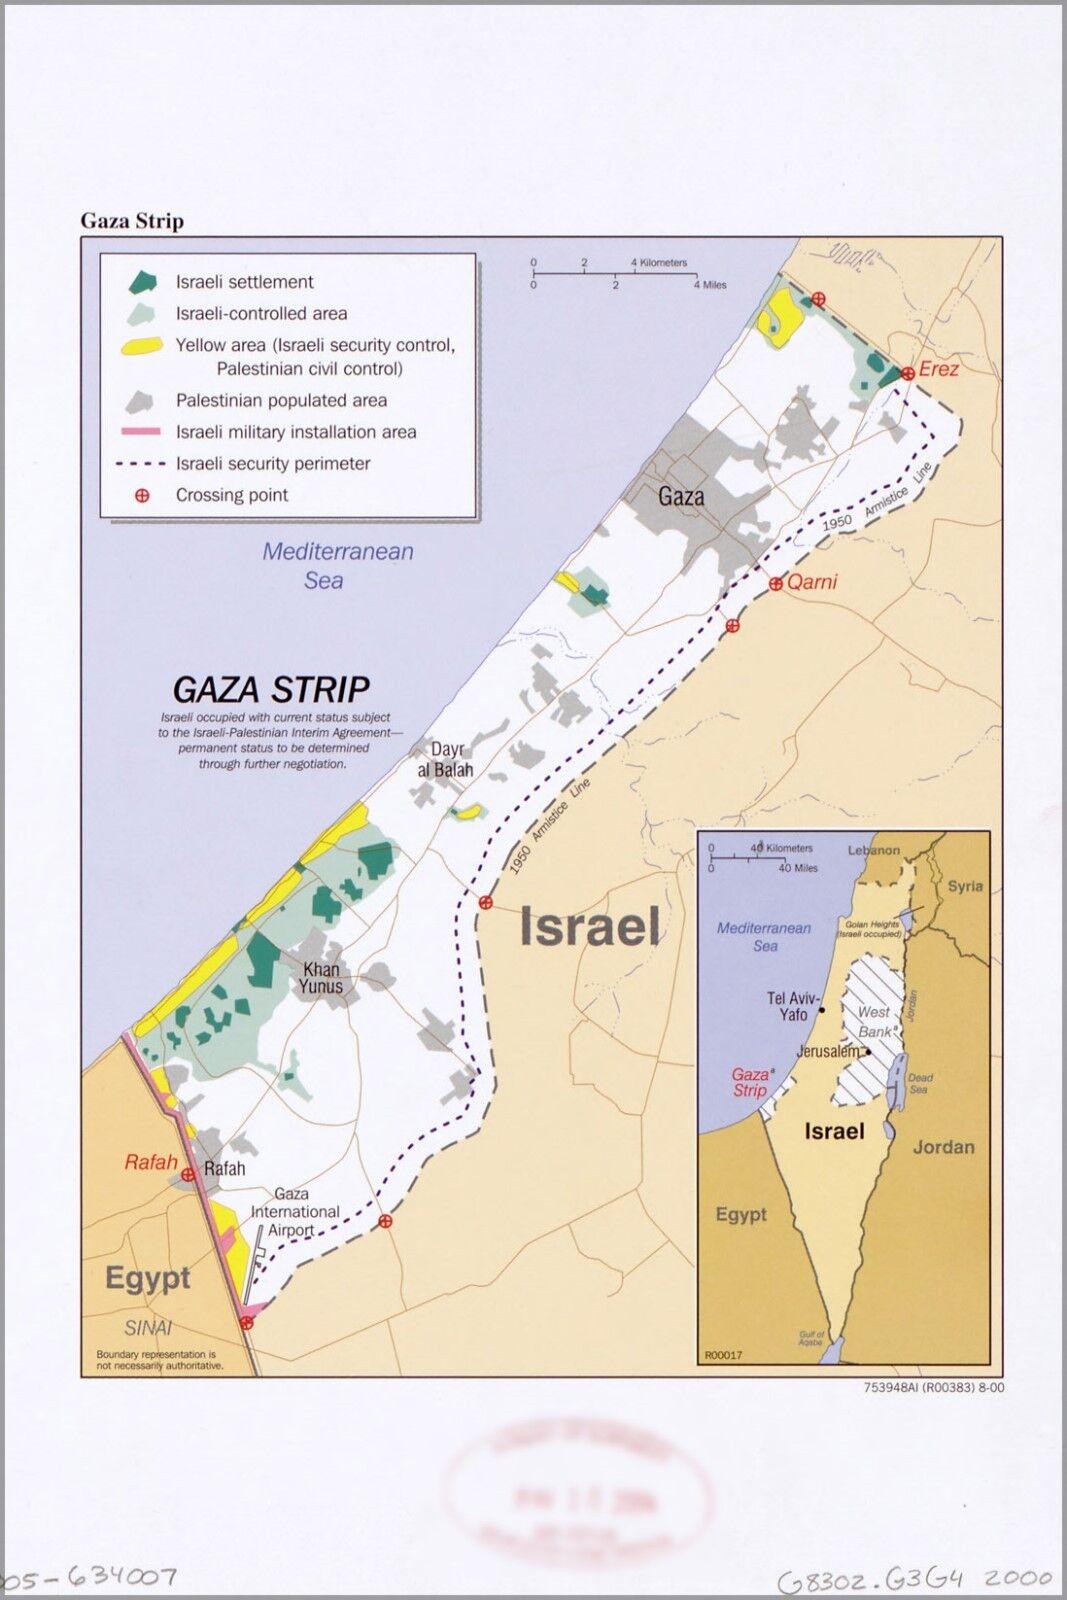 Plakat, Viele Größen; Cia Karte von Gaza Strip 1985